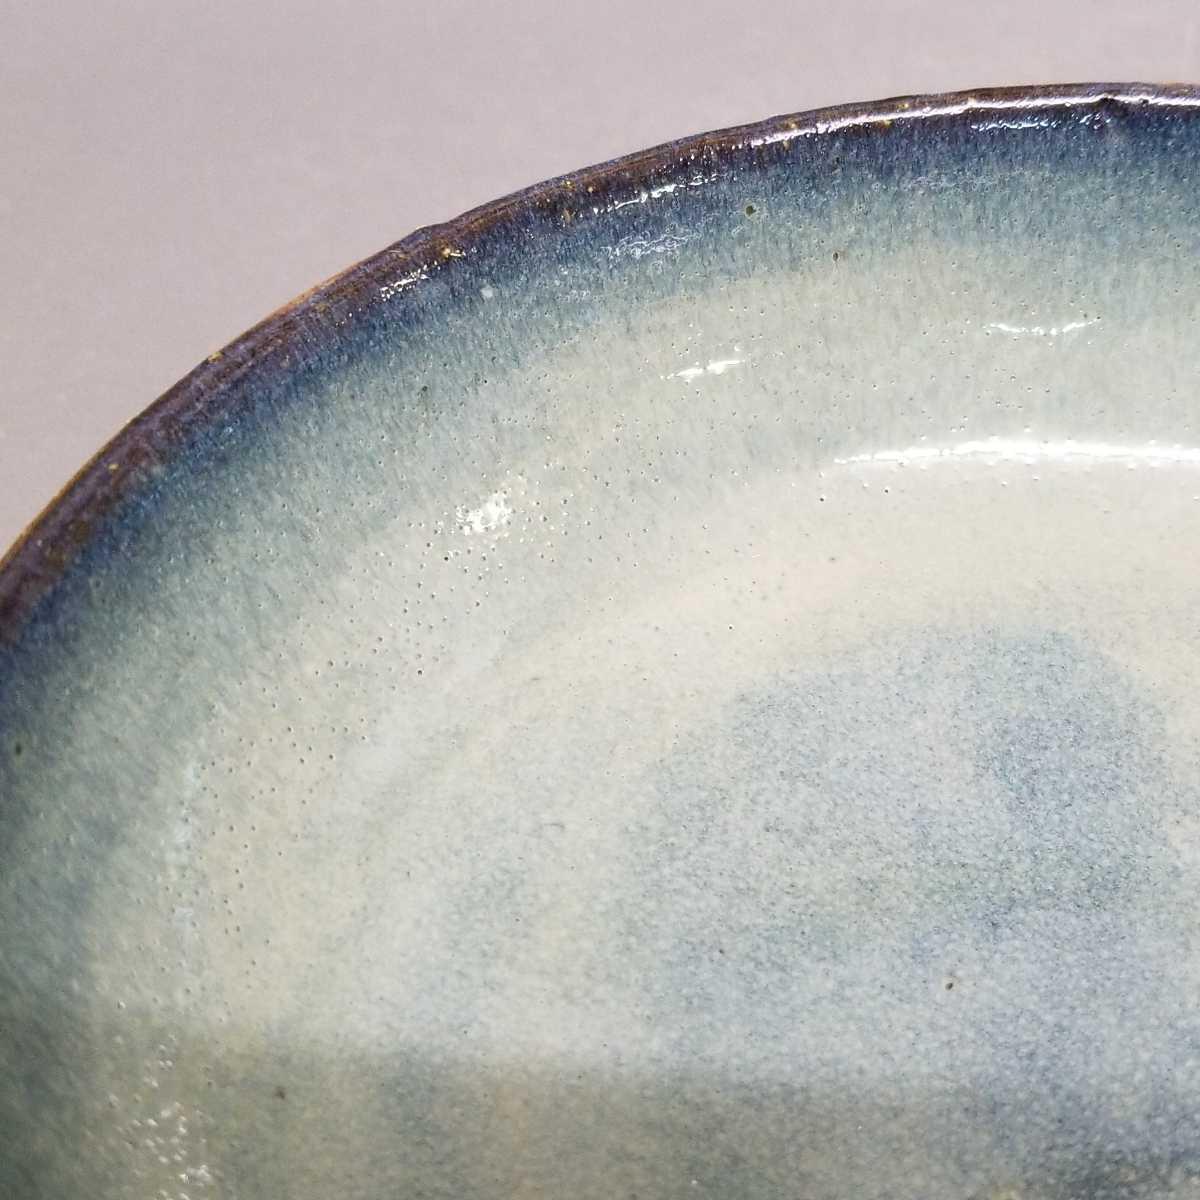 延11)萩焼 山根清玩 青萩 平鉢 未使用新品 同梱歓迎 和食器 深皿 Φ約cm_画像5